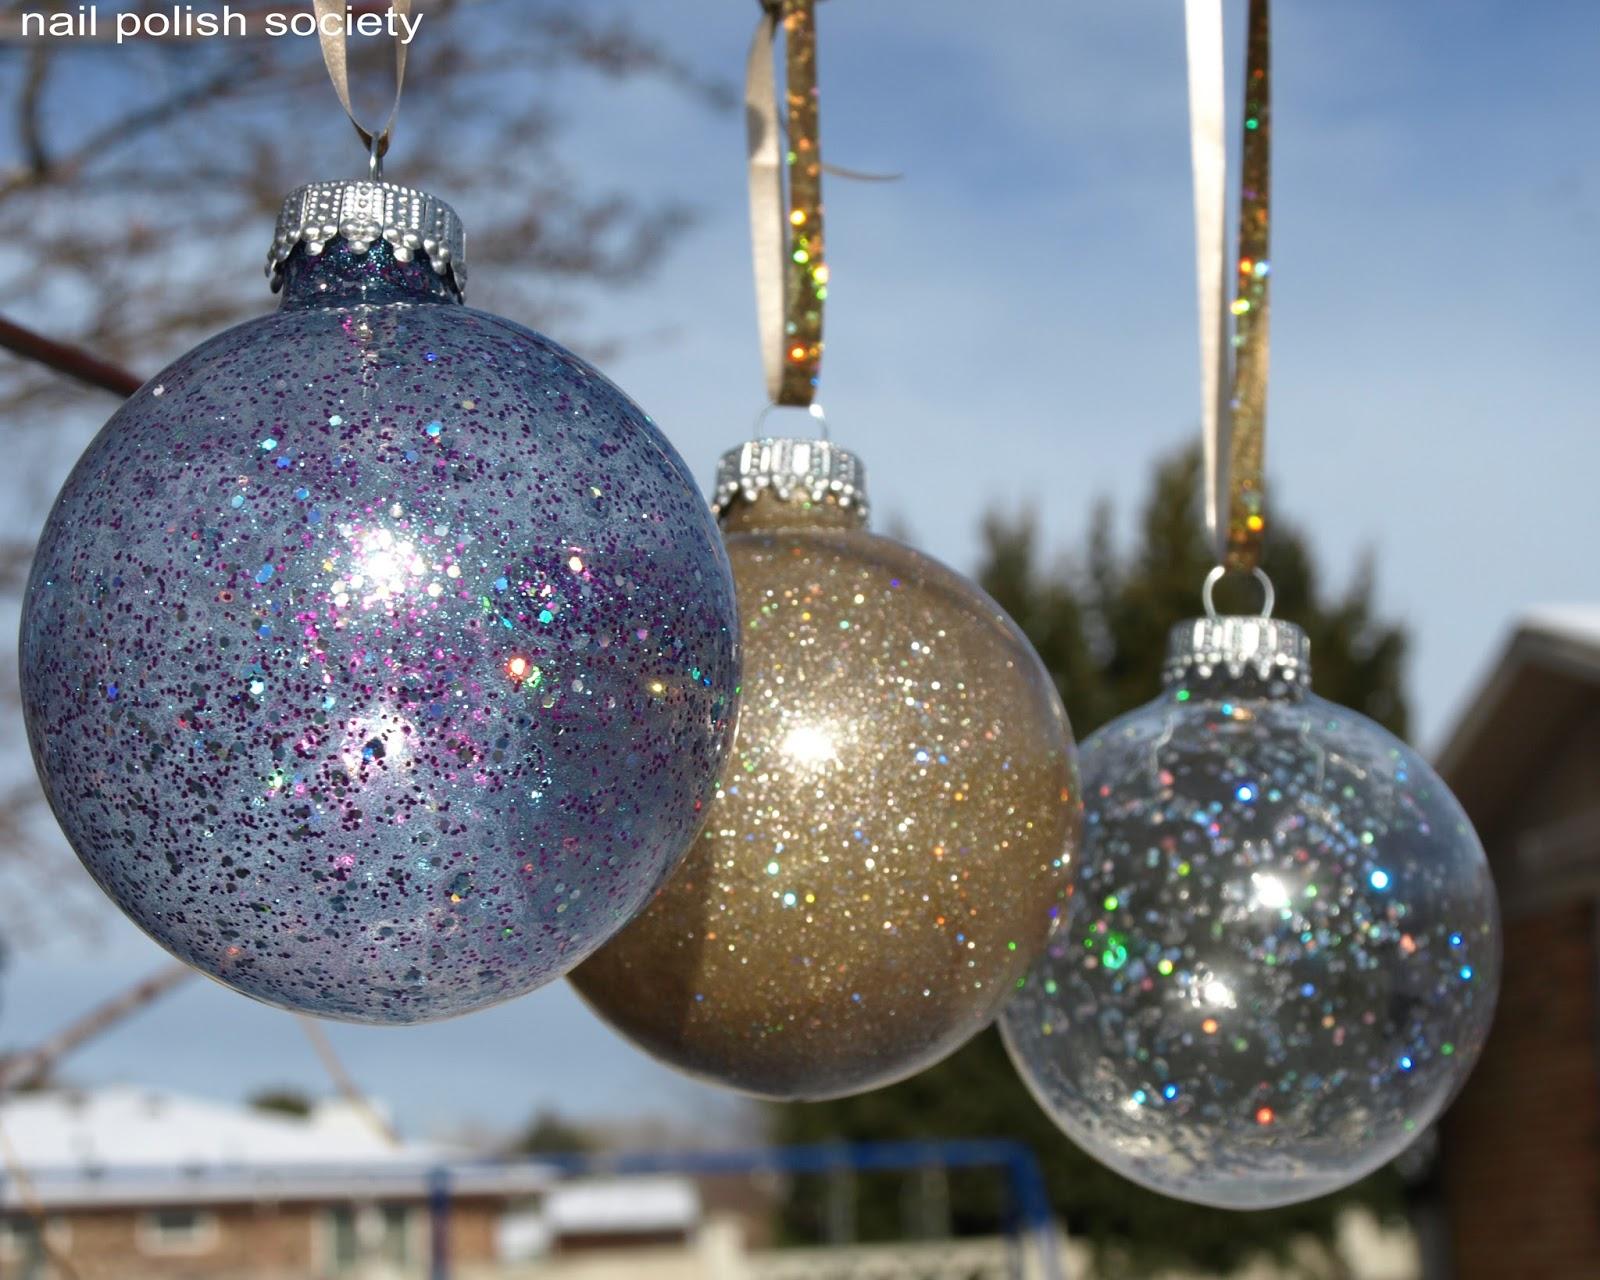 Nail Polish Society: Nail Polish Christmas Ornaments